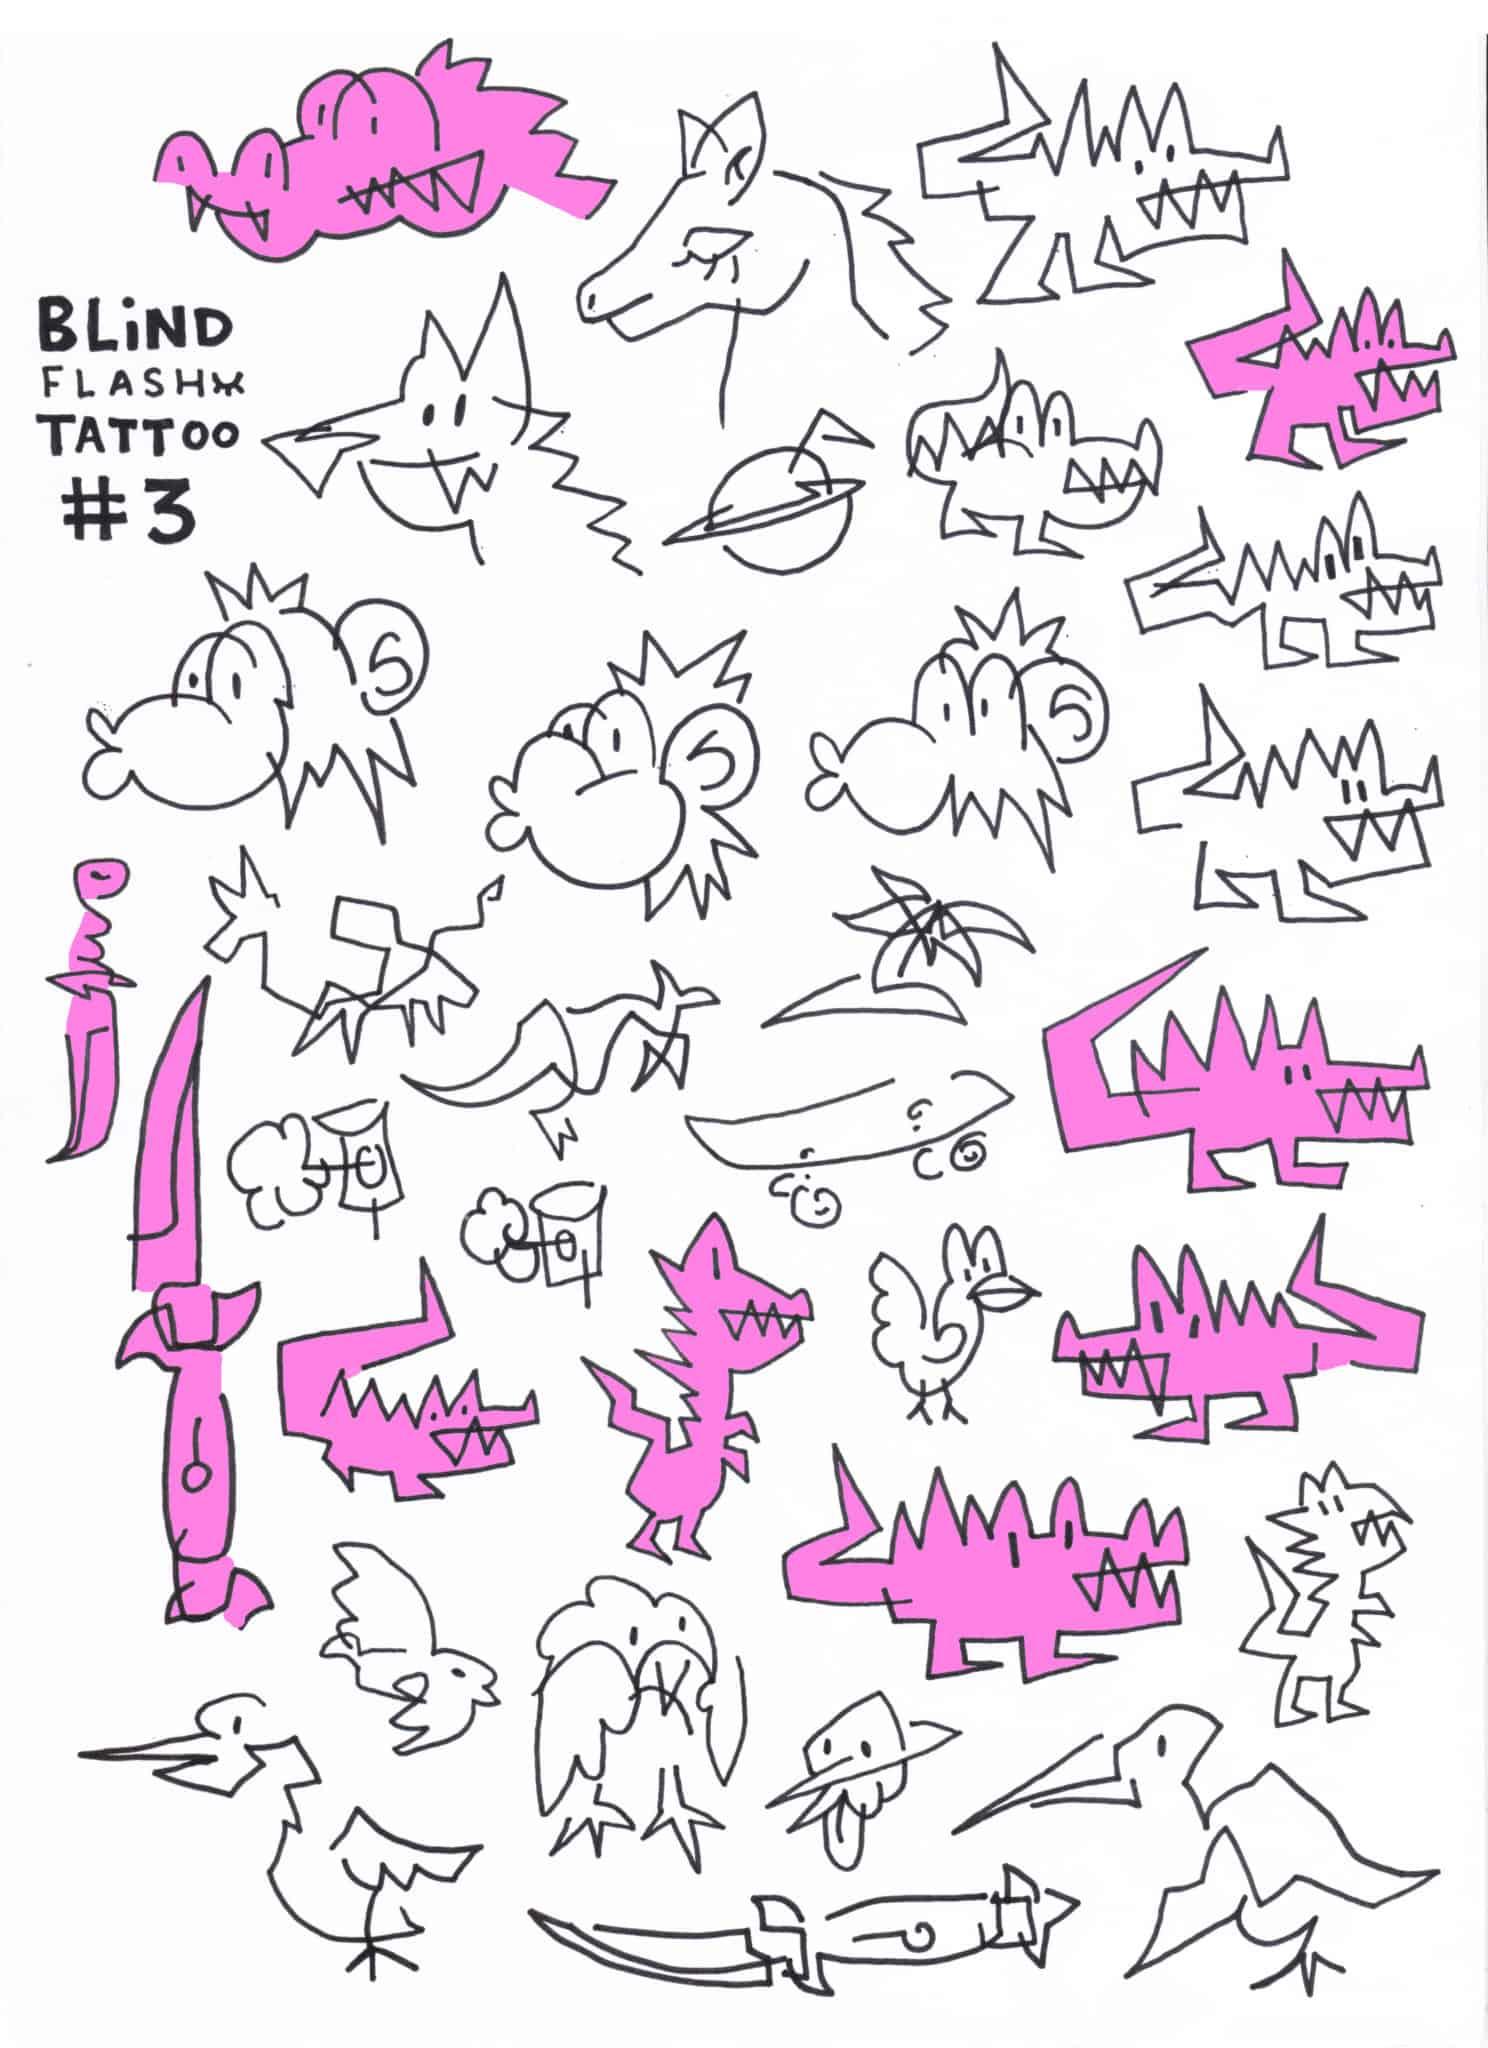 Blindflash3